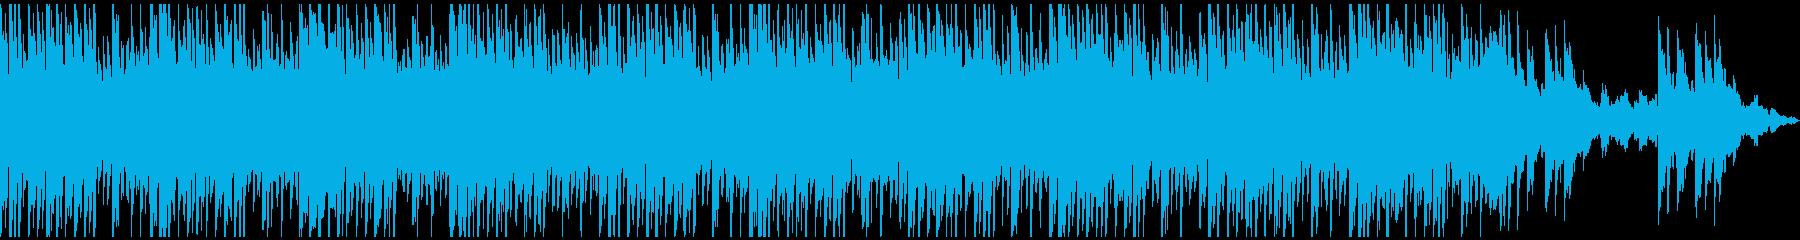 しっかりした流れと明るいメロディー...の再生済みの波形